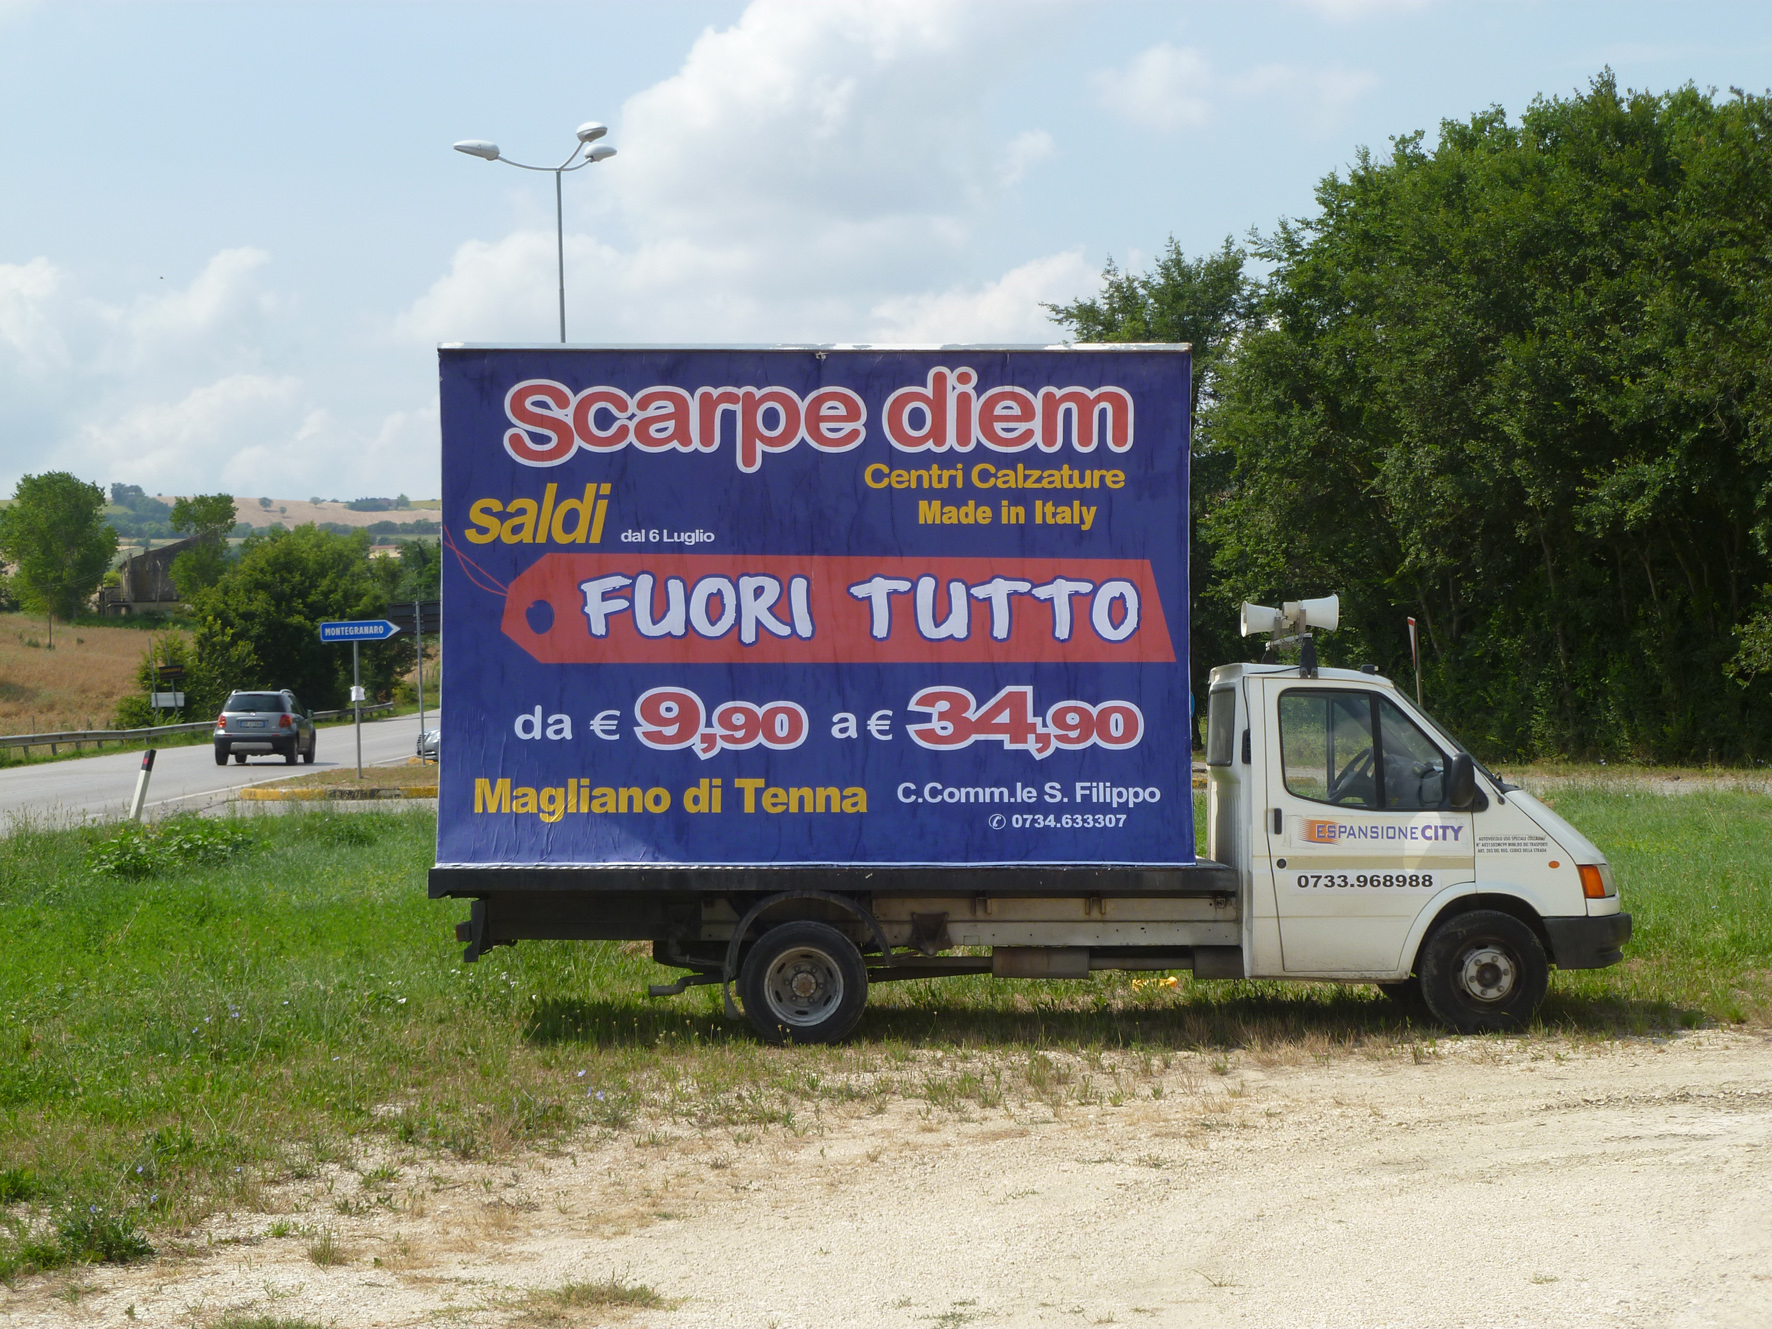 camion vela svendita promozionale Fermo, Marche